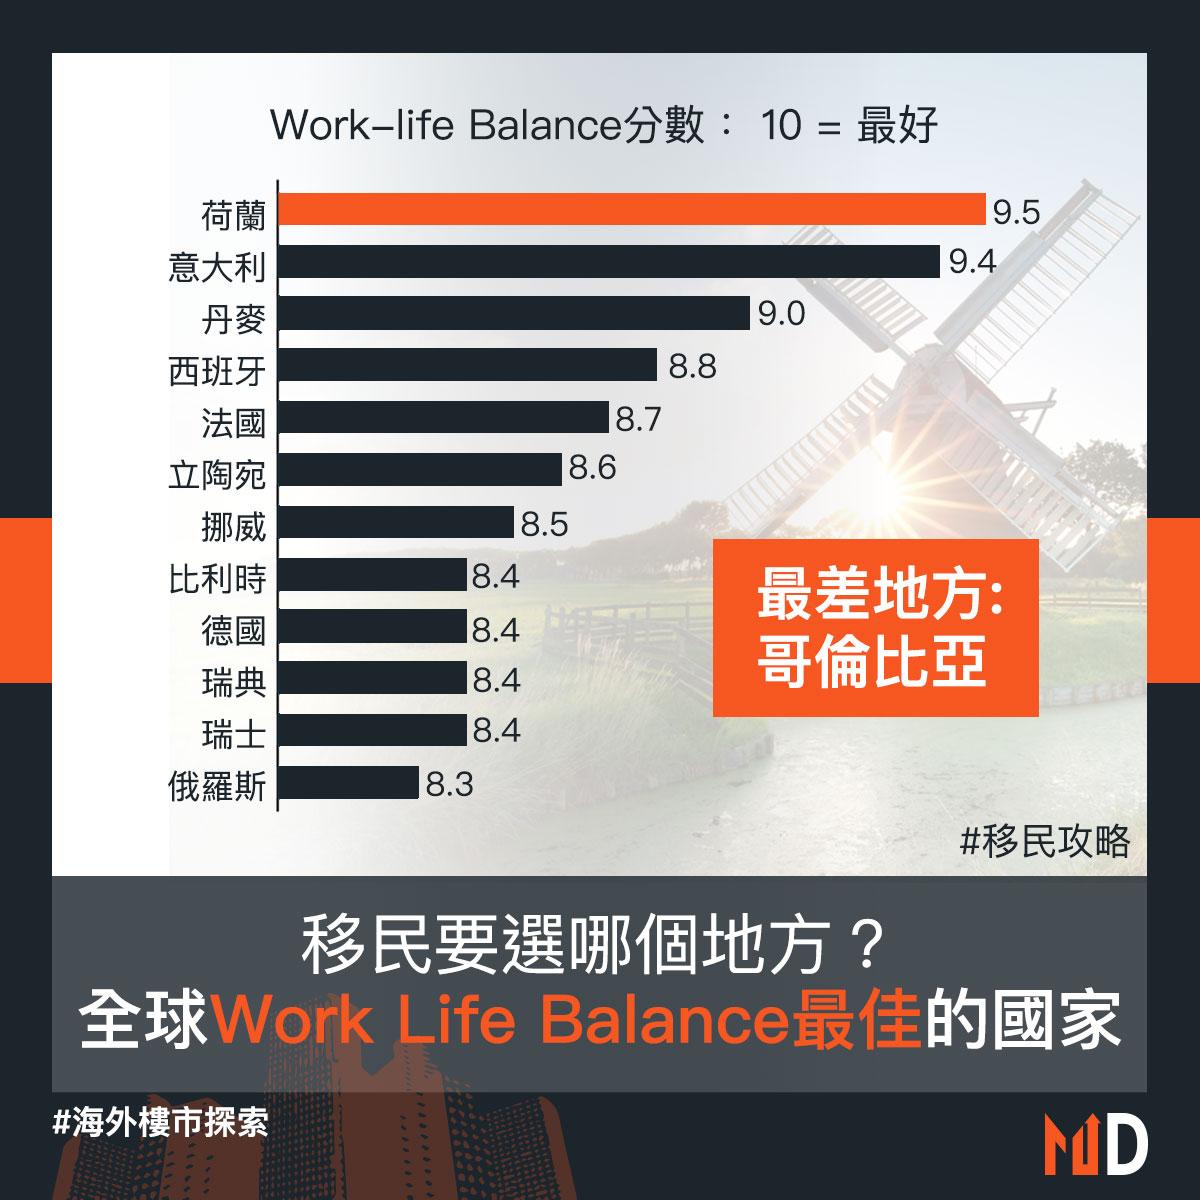 【移民攻略】移民要選哪個地方?全球Work Life Balance最佳的國家